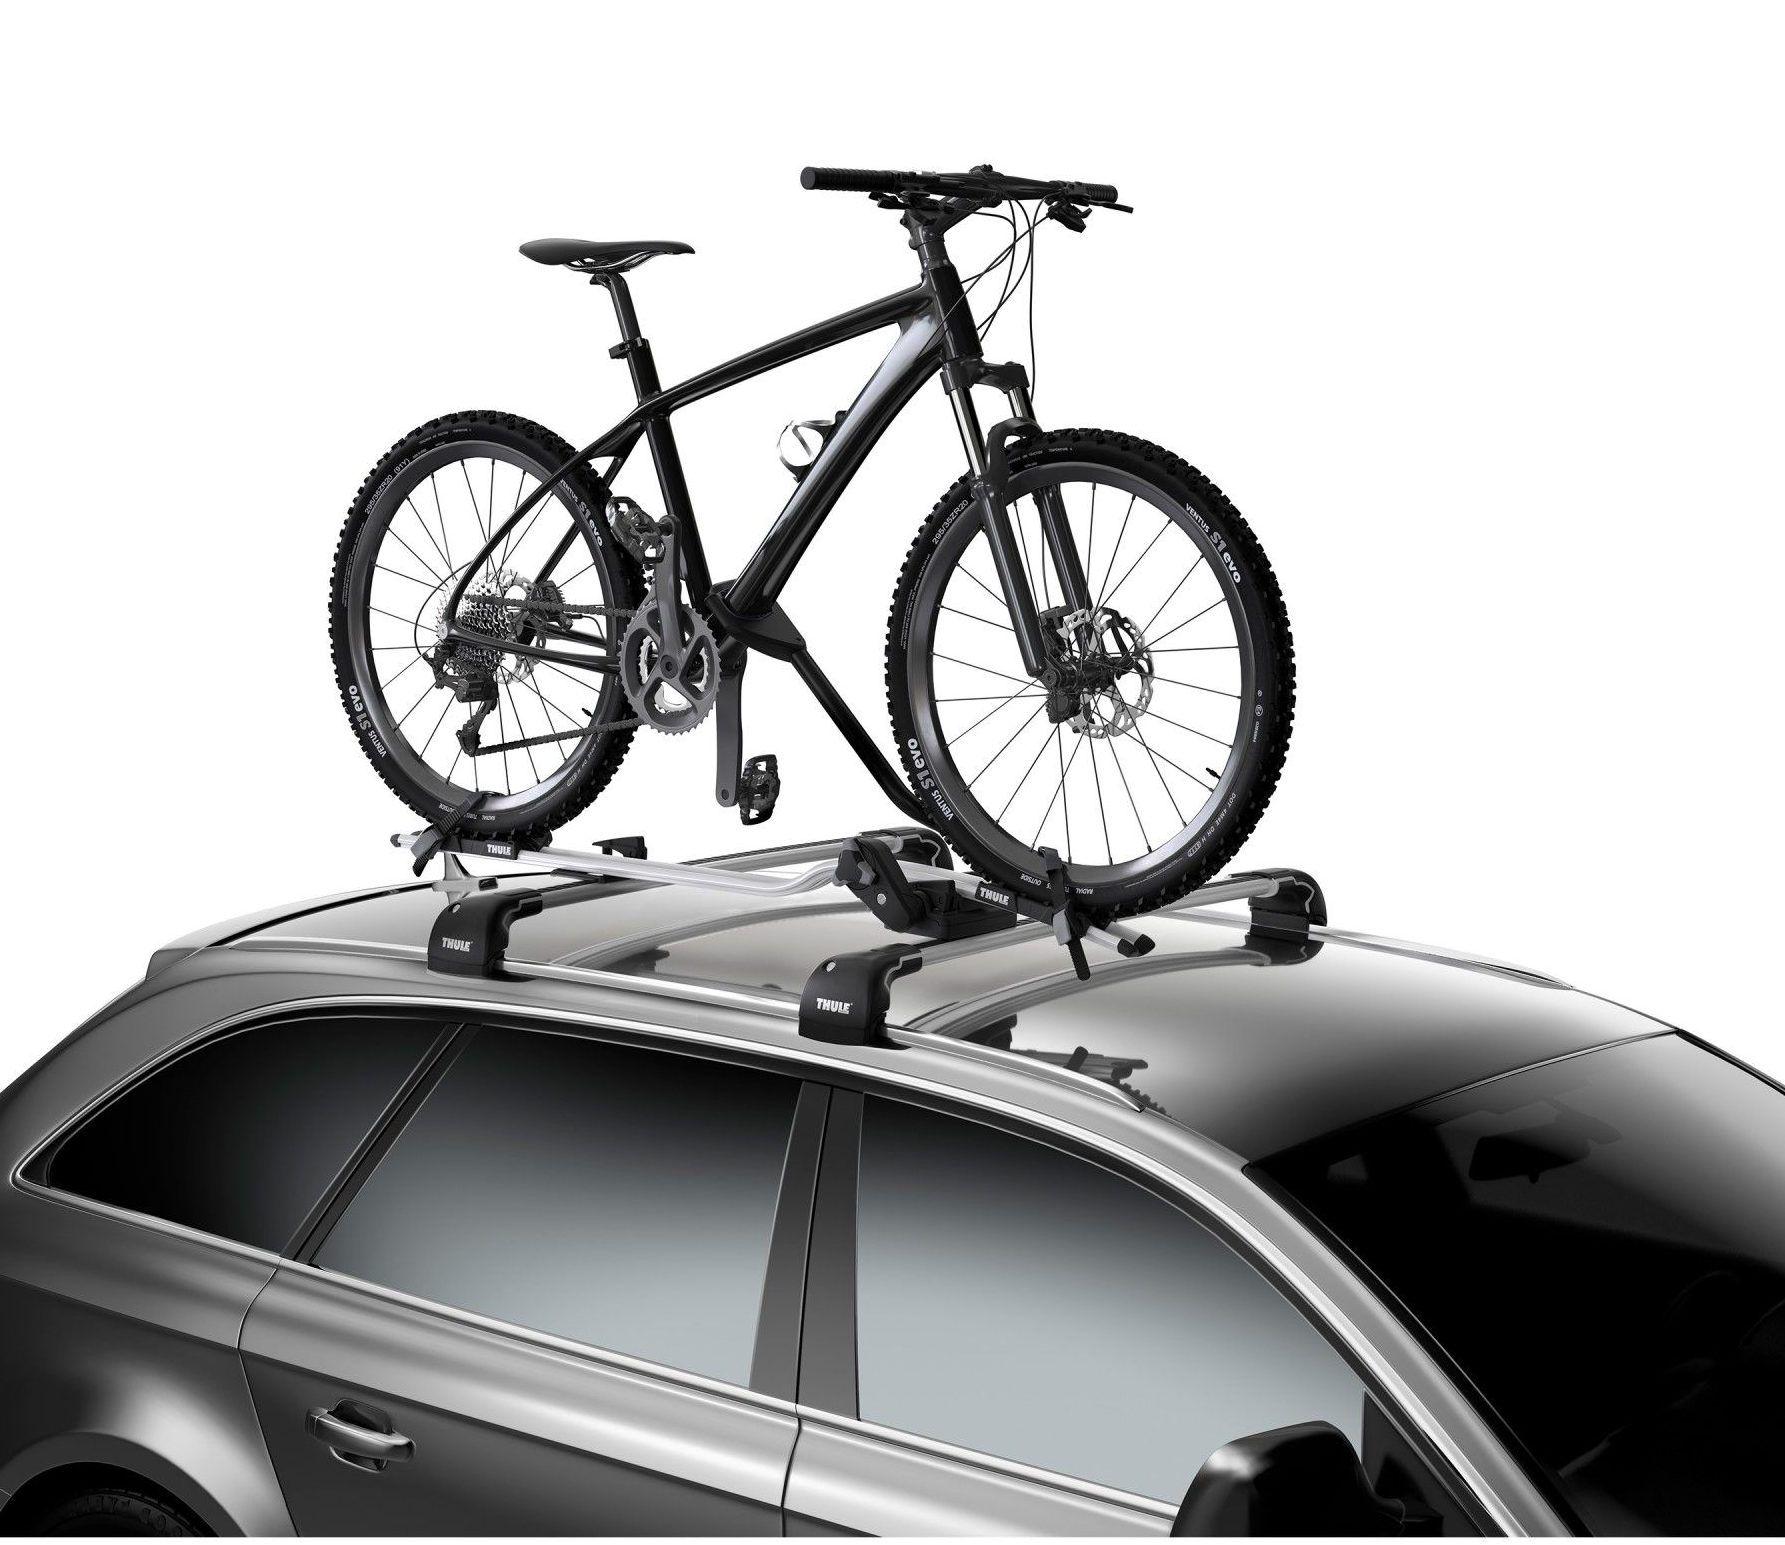 Cel Mai Bun Suport Auto Pentru Bicicletă With Images Bike Roof